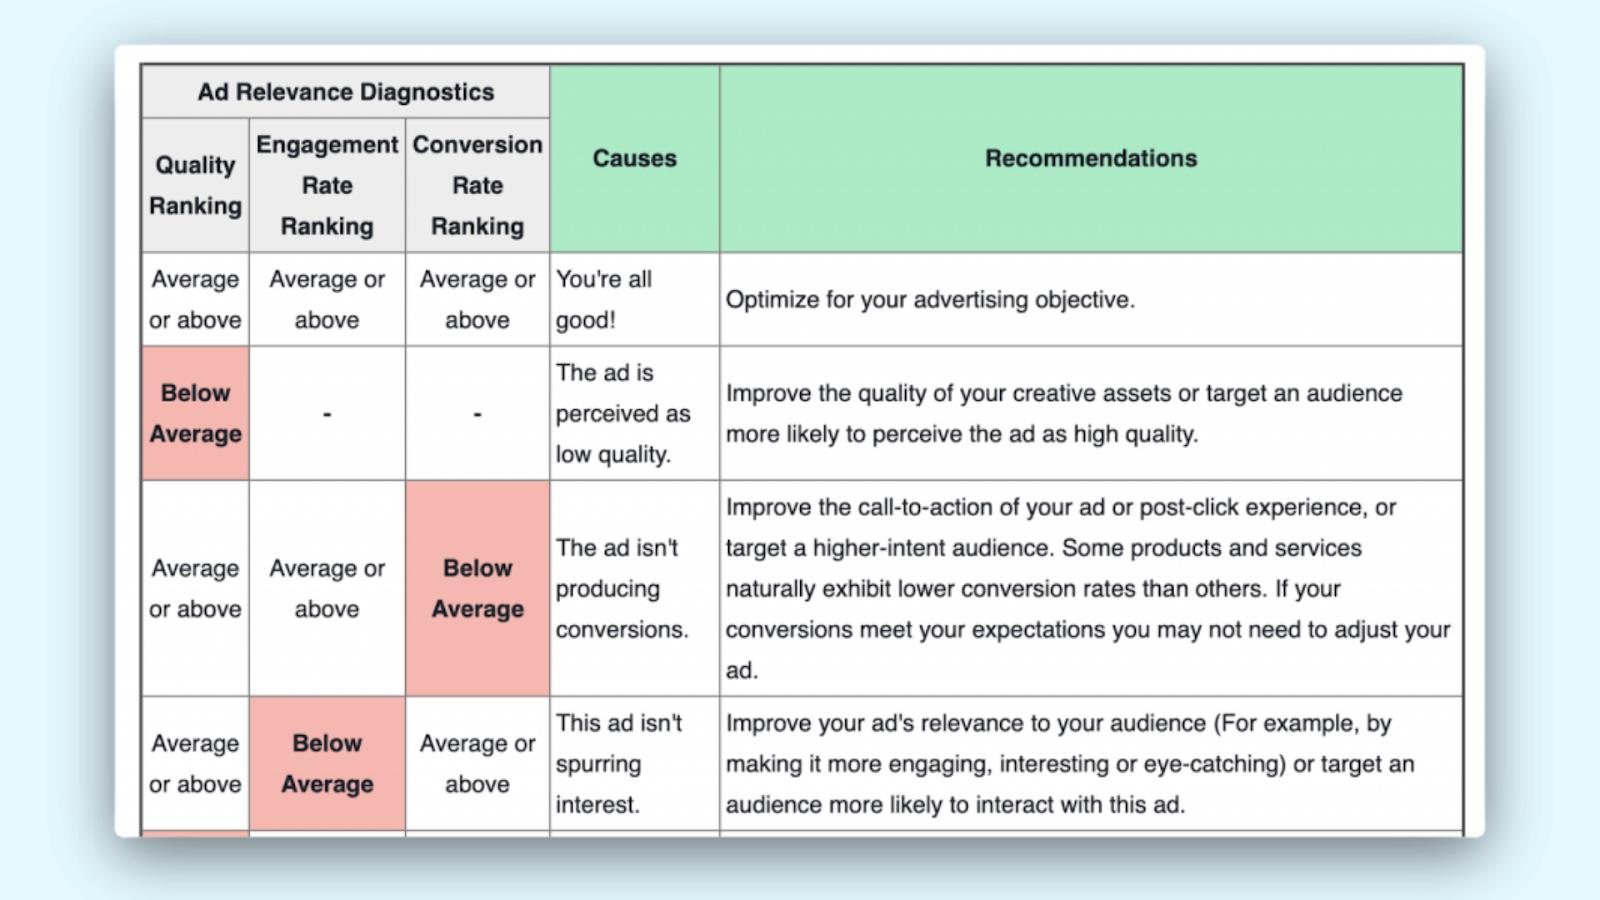 ad-relevance-diagnistics